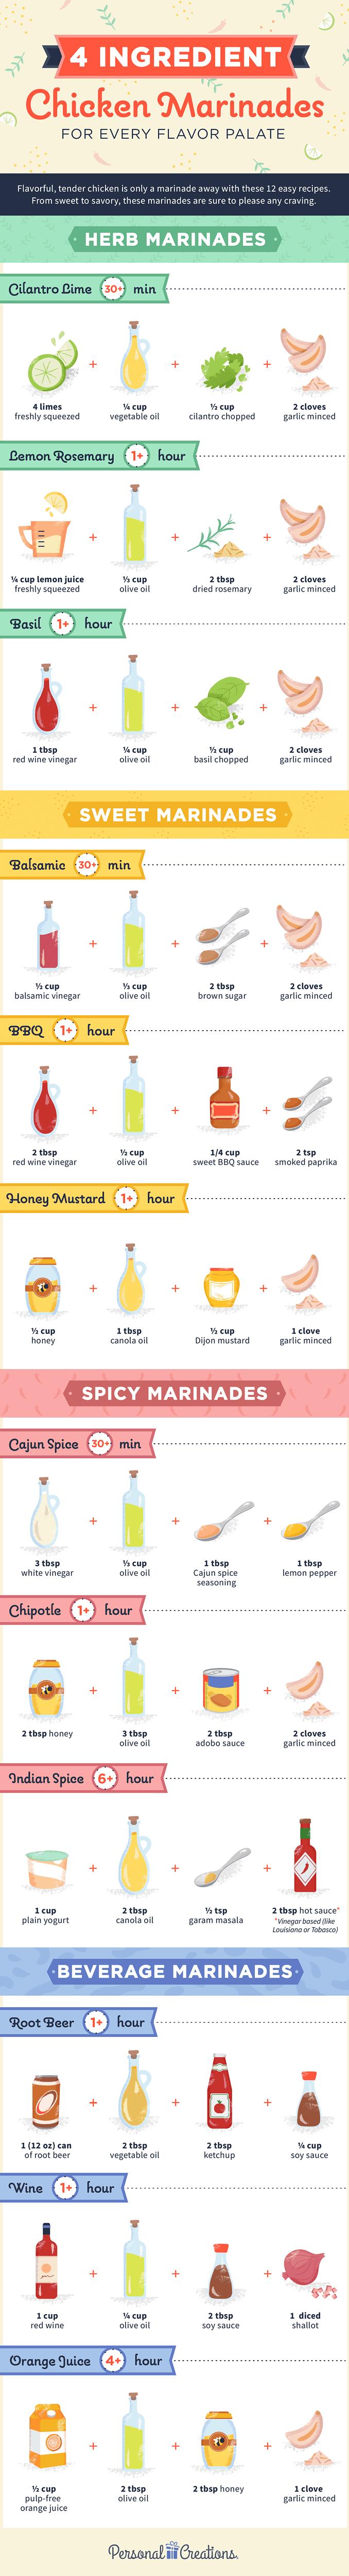 4-ingredient chicken marinades